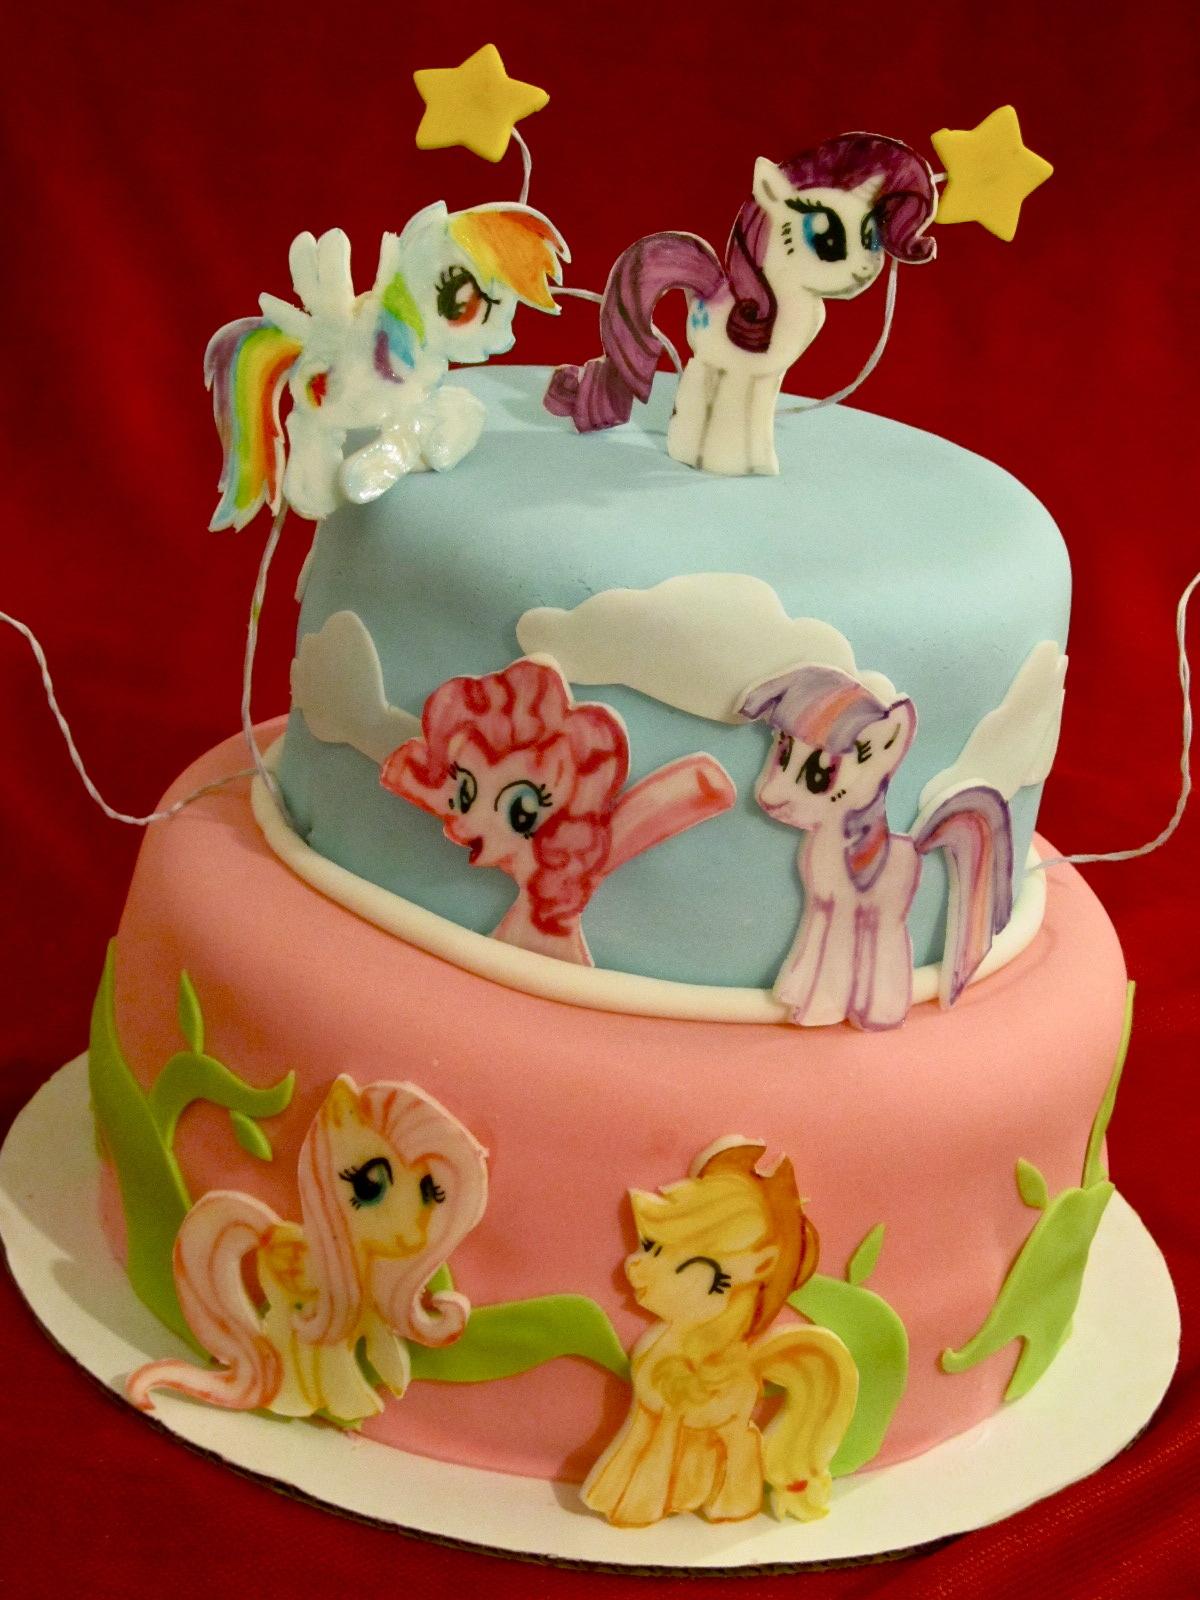 7 Big Y Specialty Cakes Photo